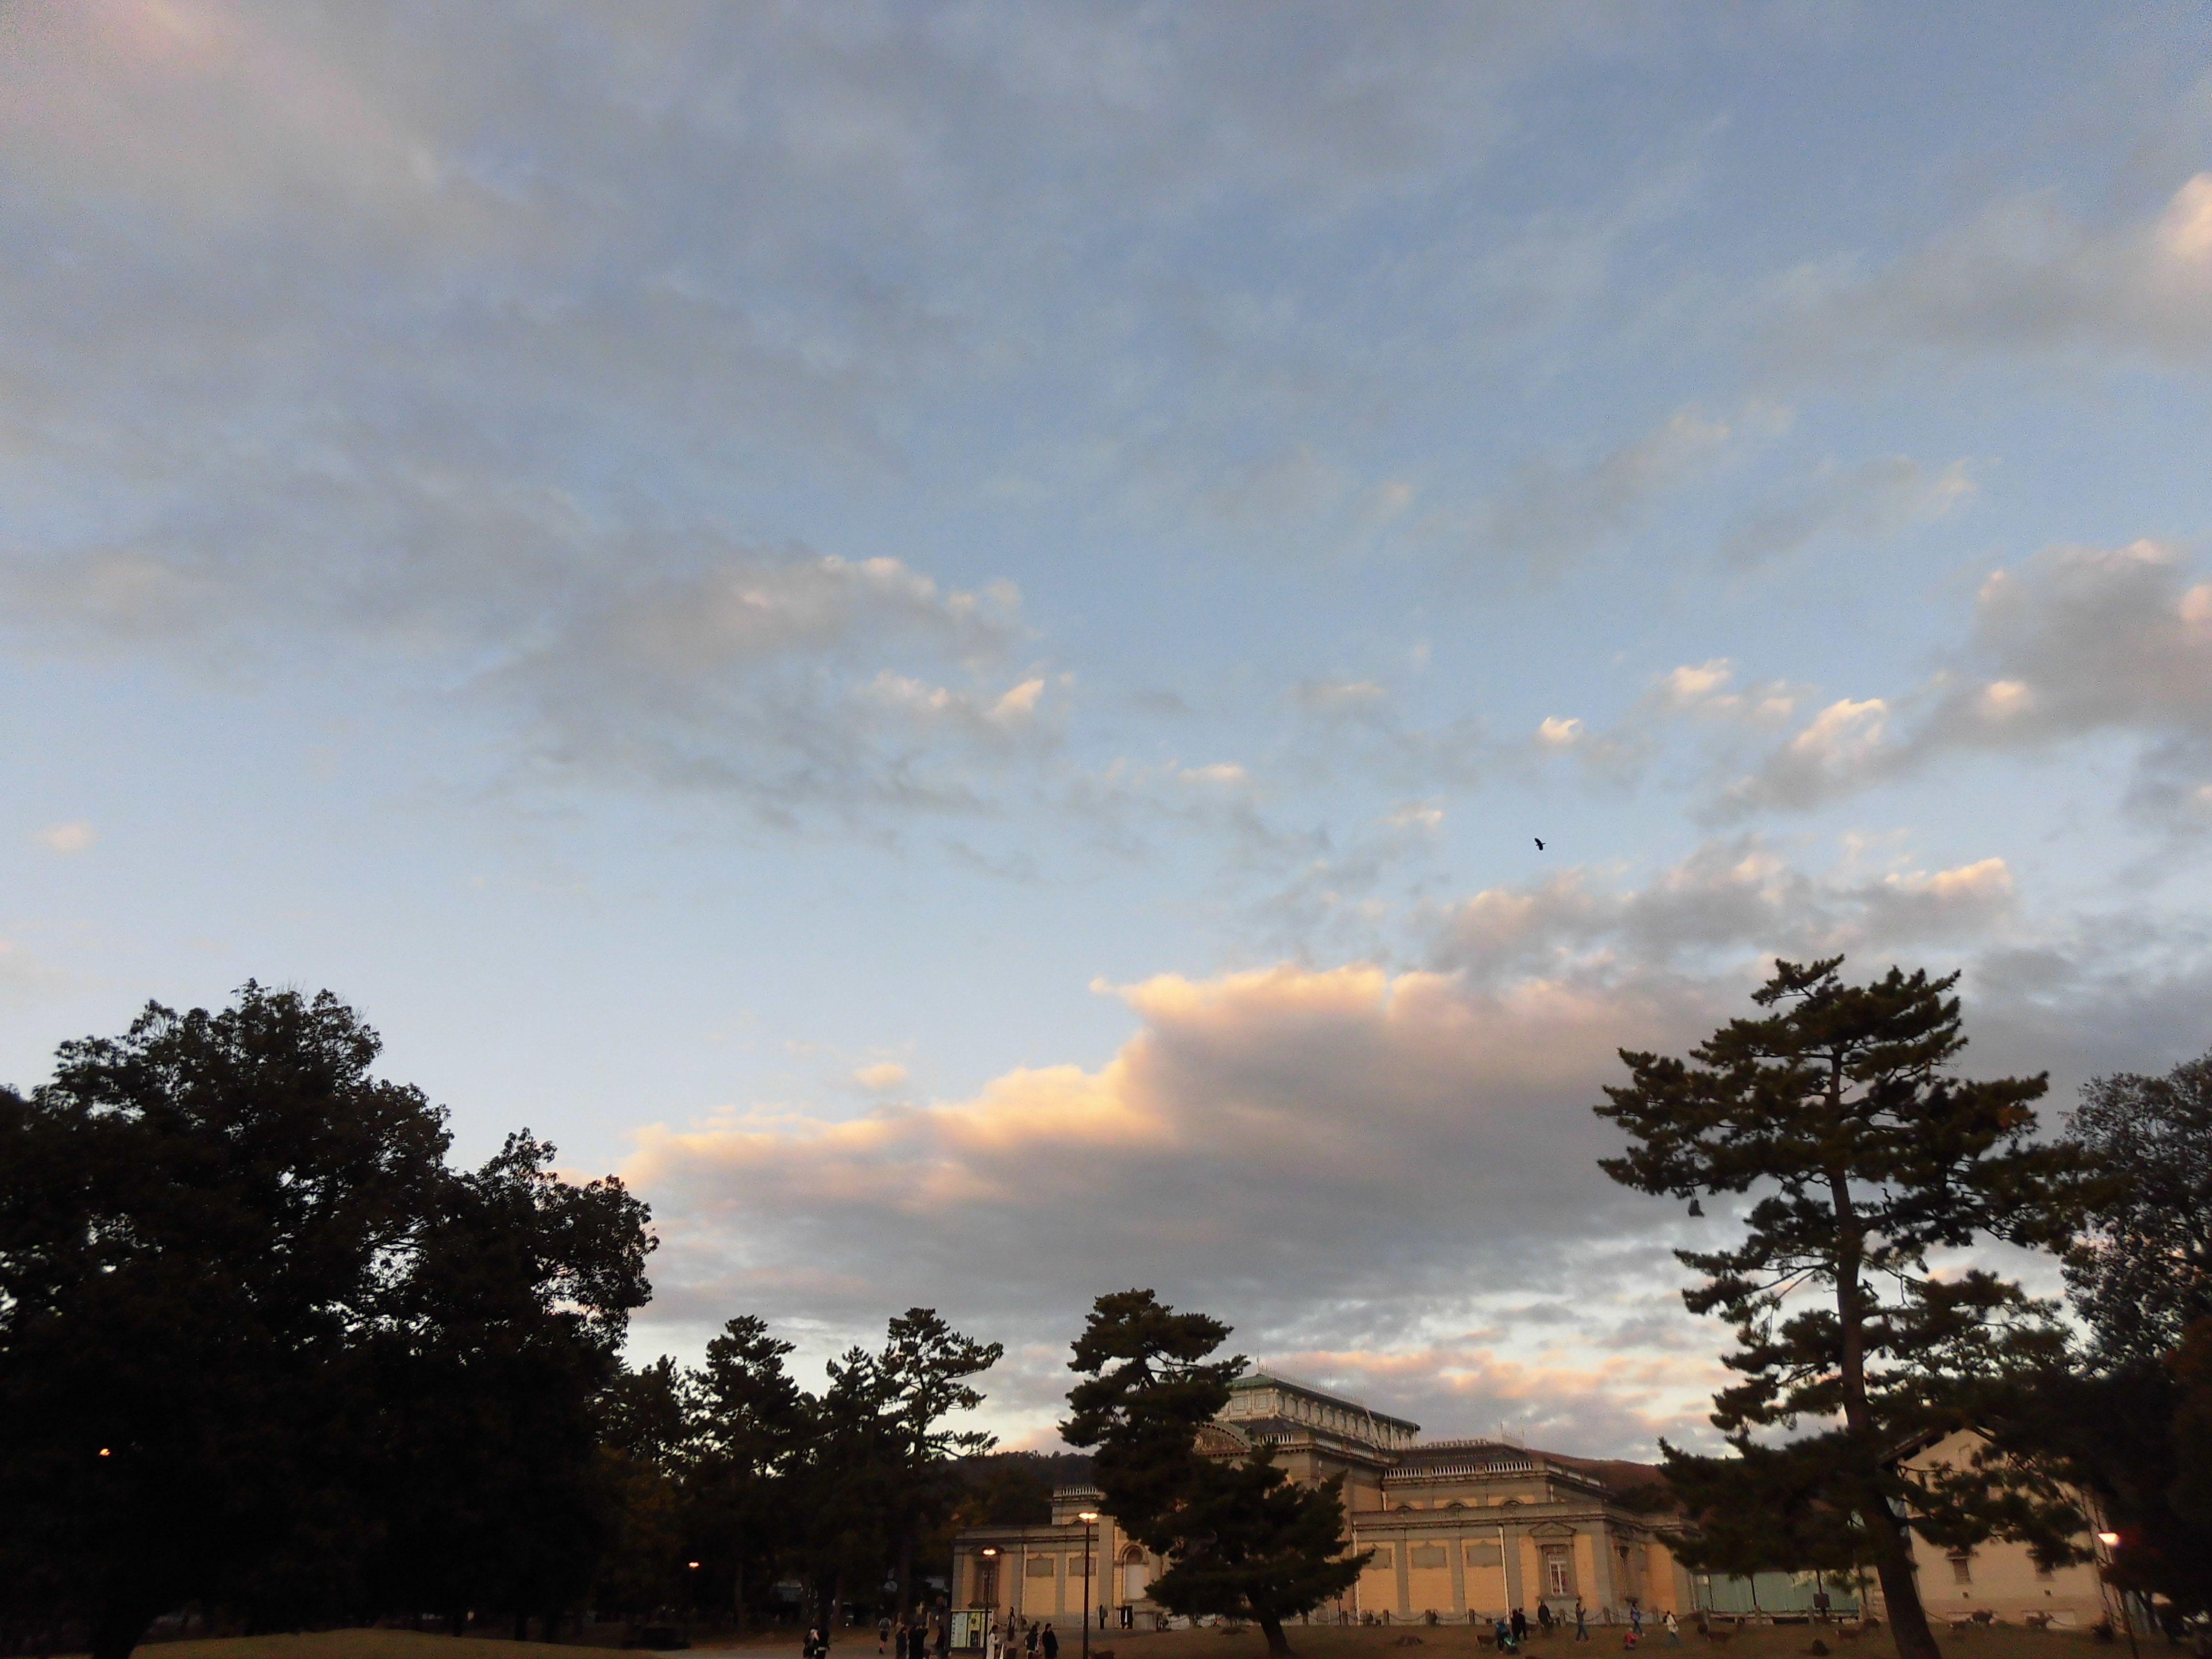 奈良公園 奈良国立博物館 2019.11.14